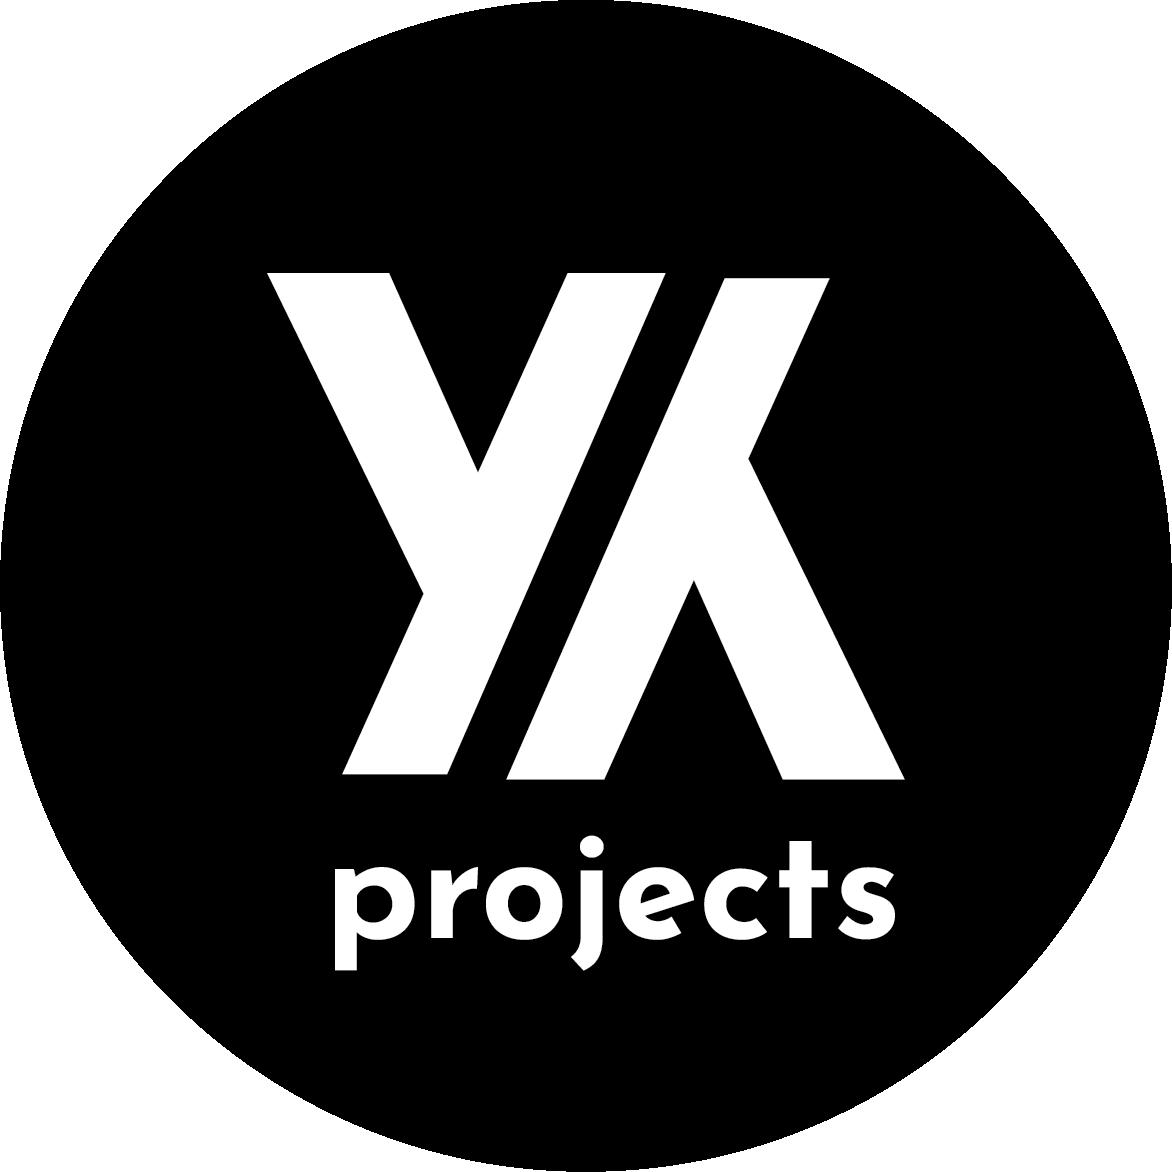 YashaYoung_Logo_blackandwhite.png